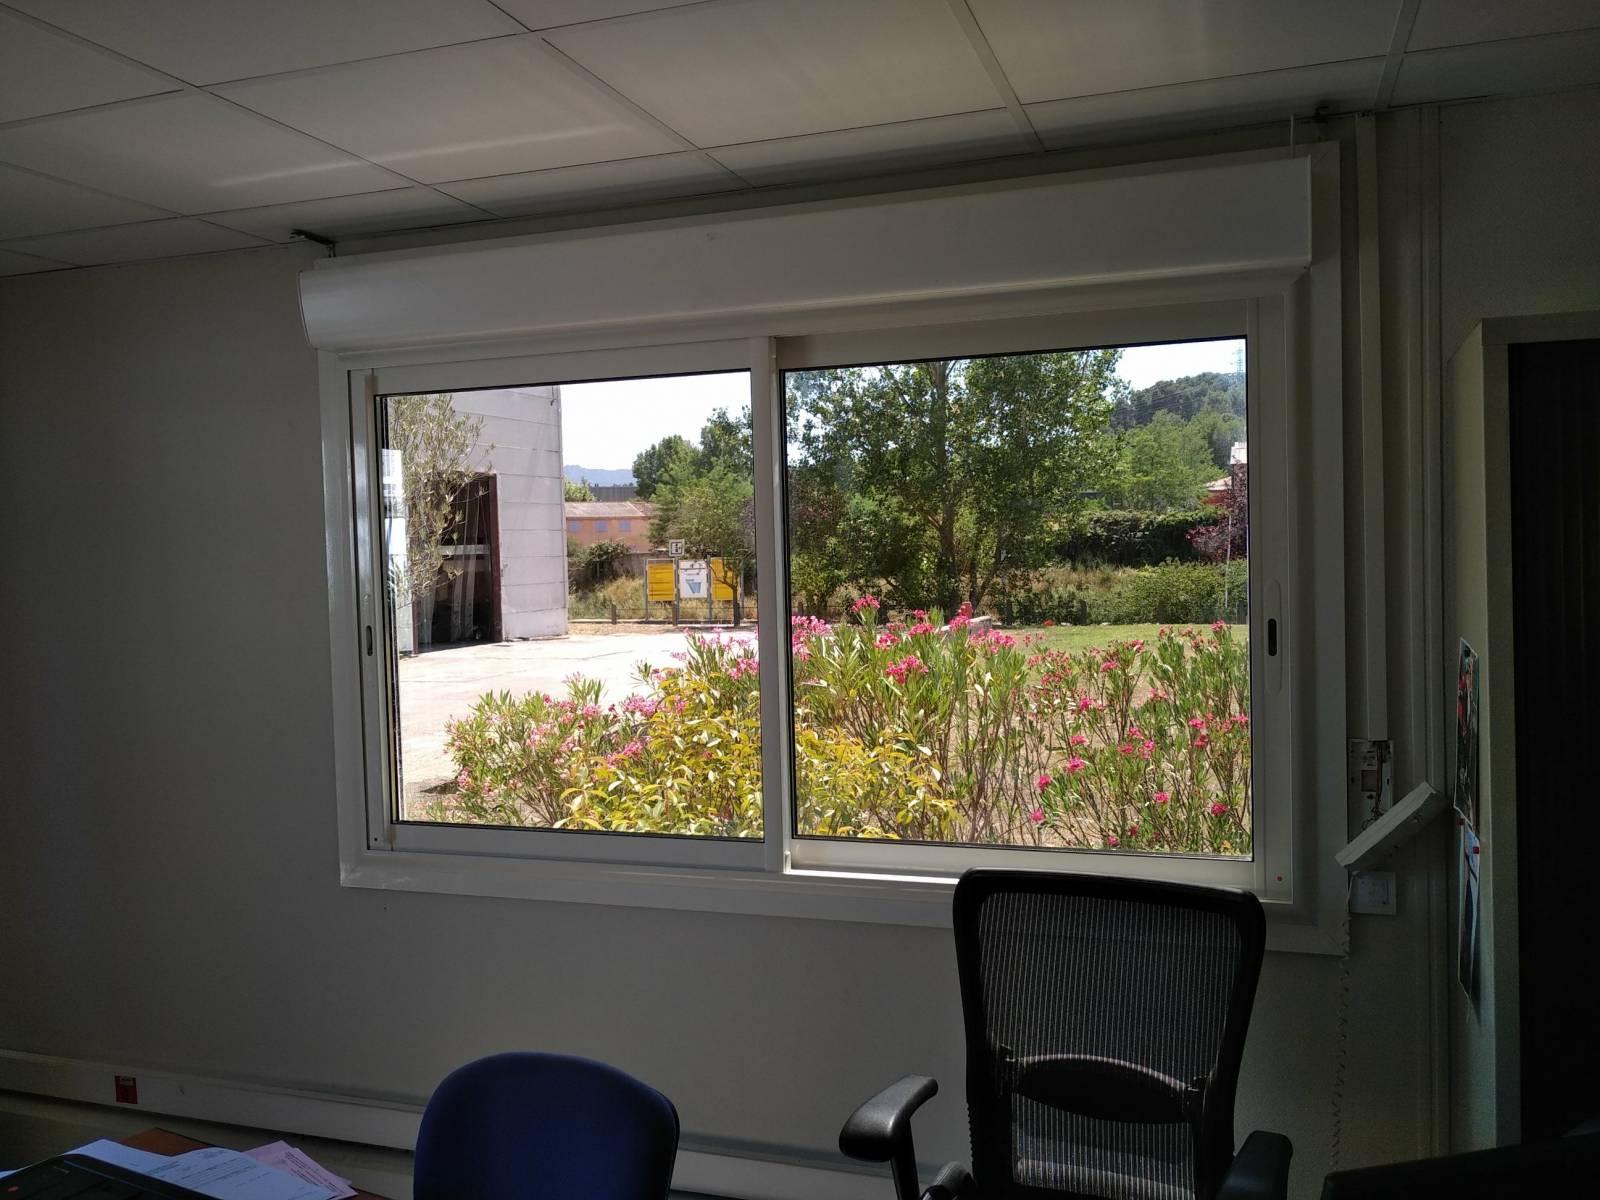 Pose de fenêtres aluminium coulissantes vitrage miroir avec volets roulants électriques intégrés ...